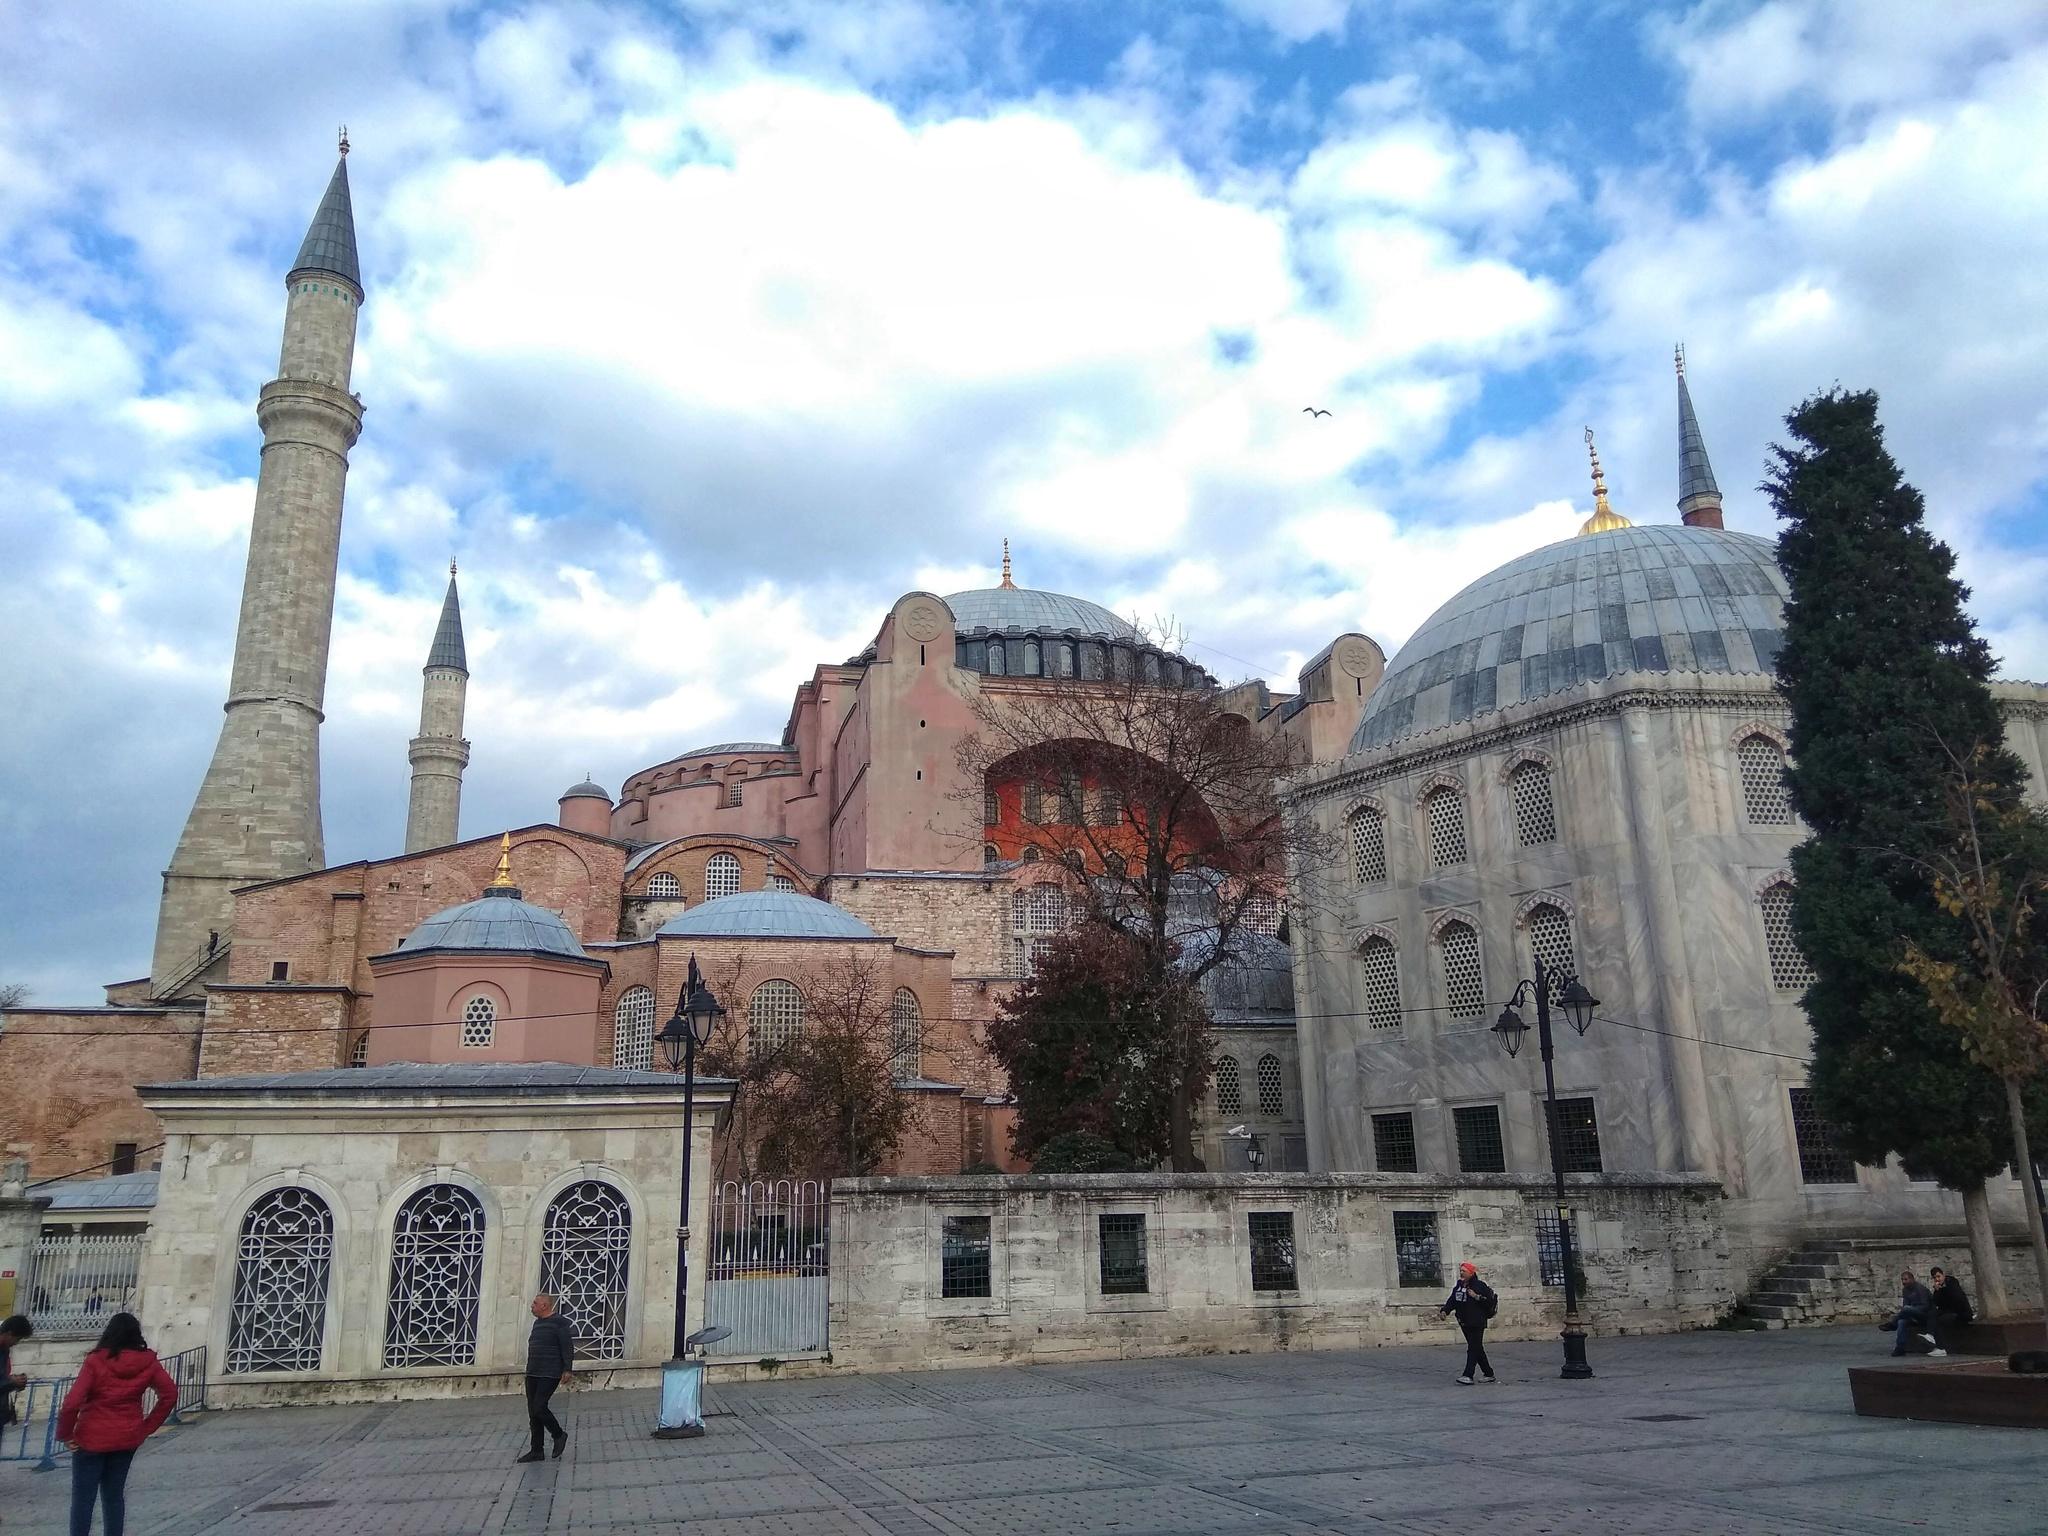 Обои Султанахмет, пролив, башни, Пейзаж, голубая мечеть, дворец, турция, стамбул. Города foto 19